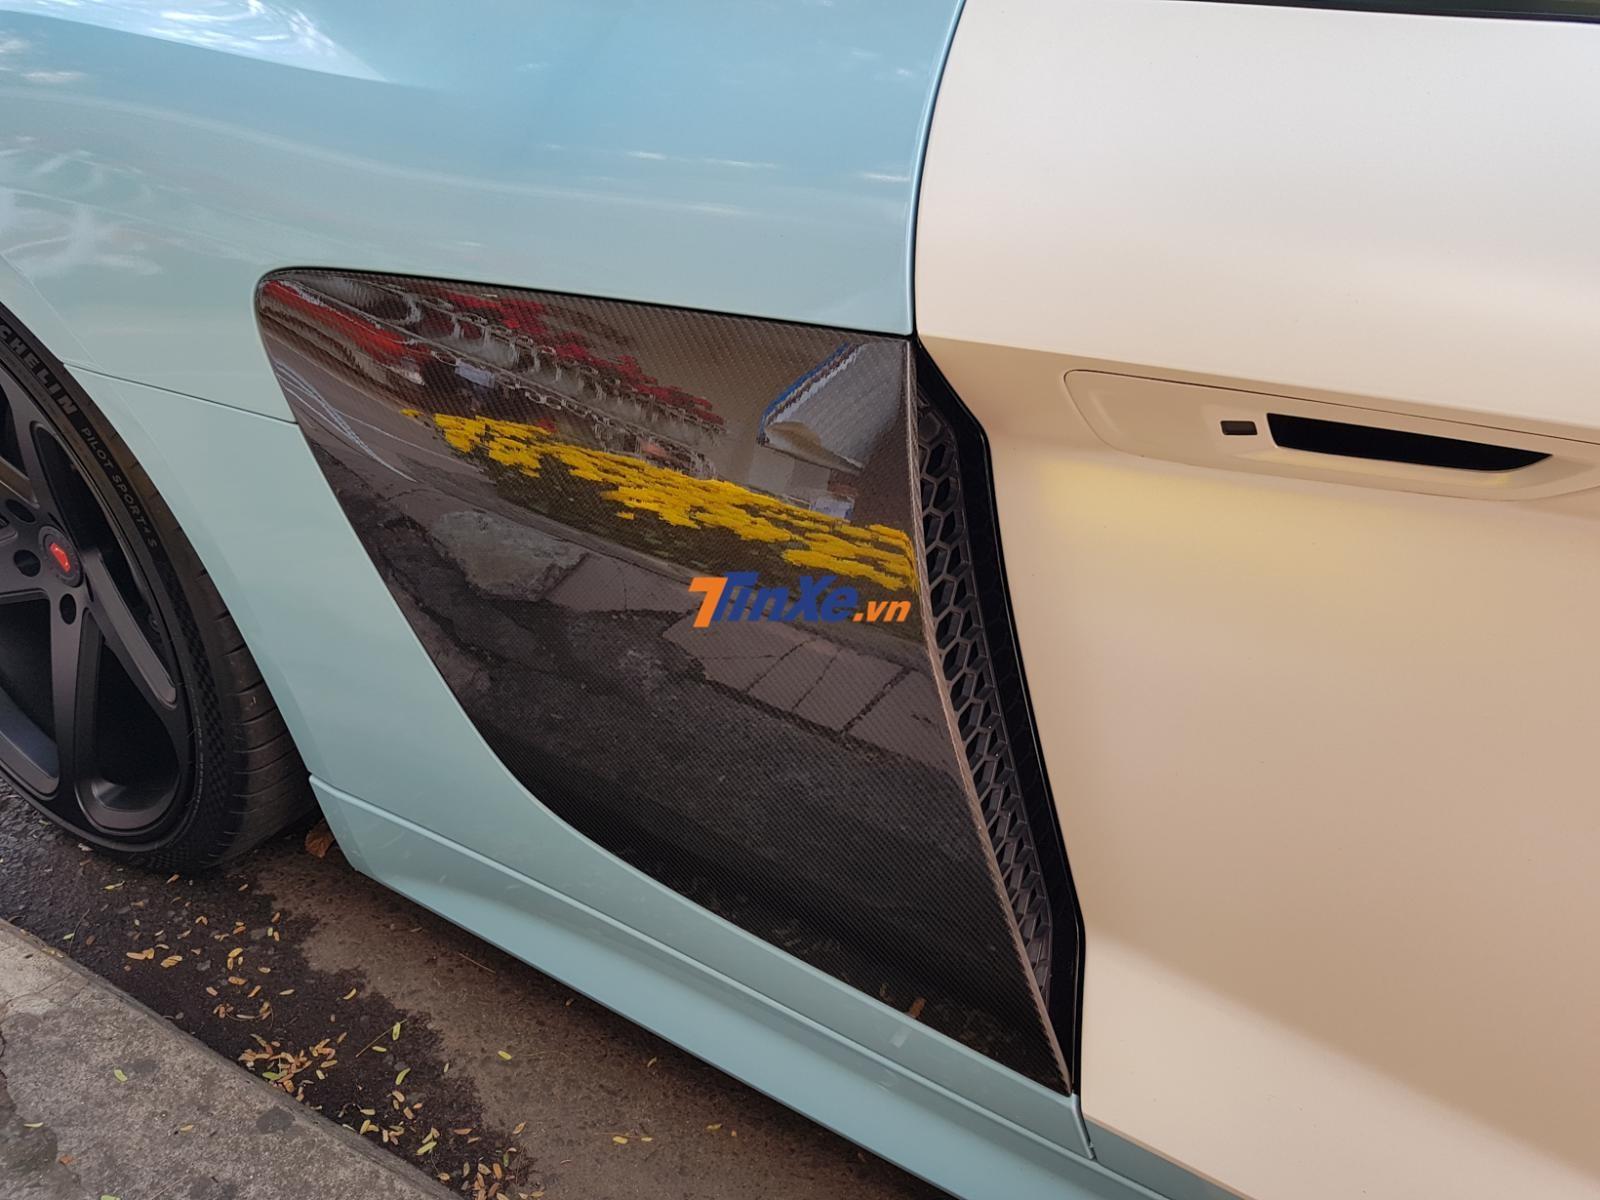 Ngoài ra ngoại thất chiếc siêu xe Audi R8 V10 Plus này còn có nhiều chi tiết bằng sợi carbon bóng bao gồm ốp hốc gió bên hông